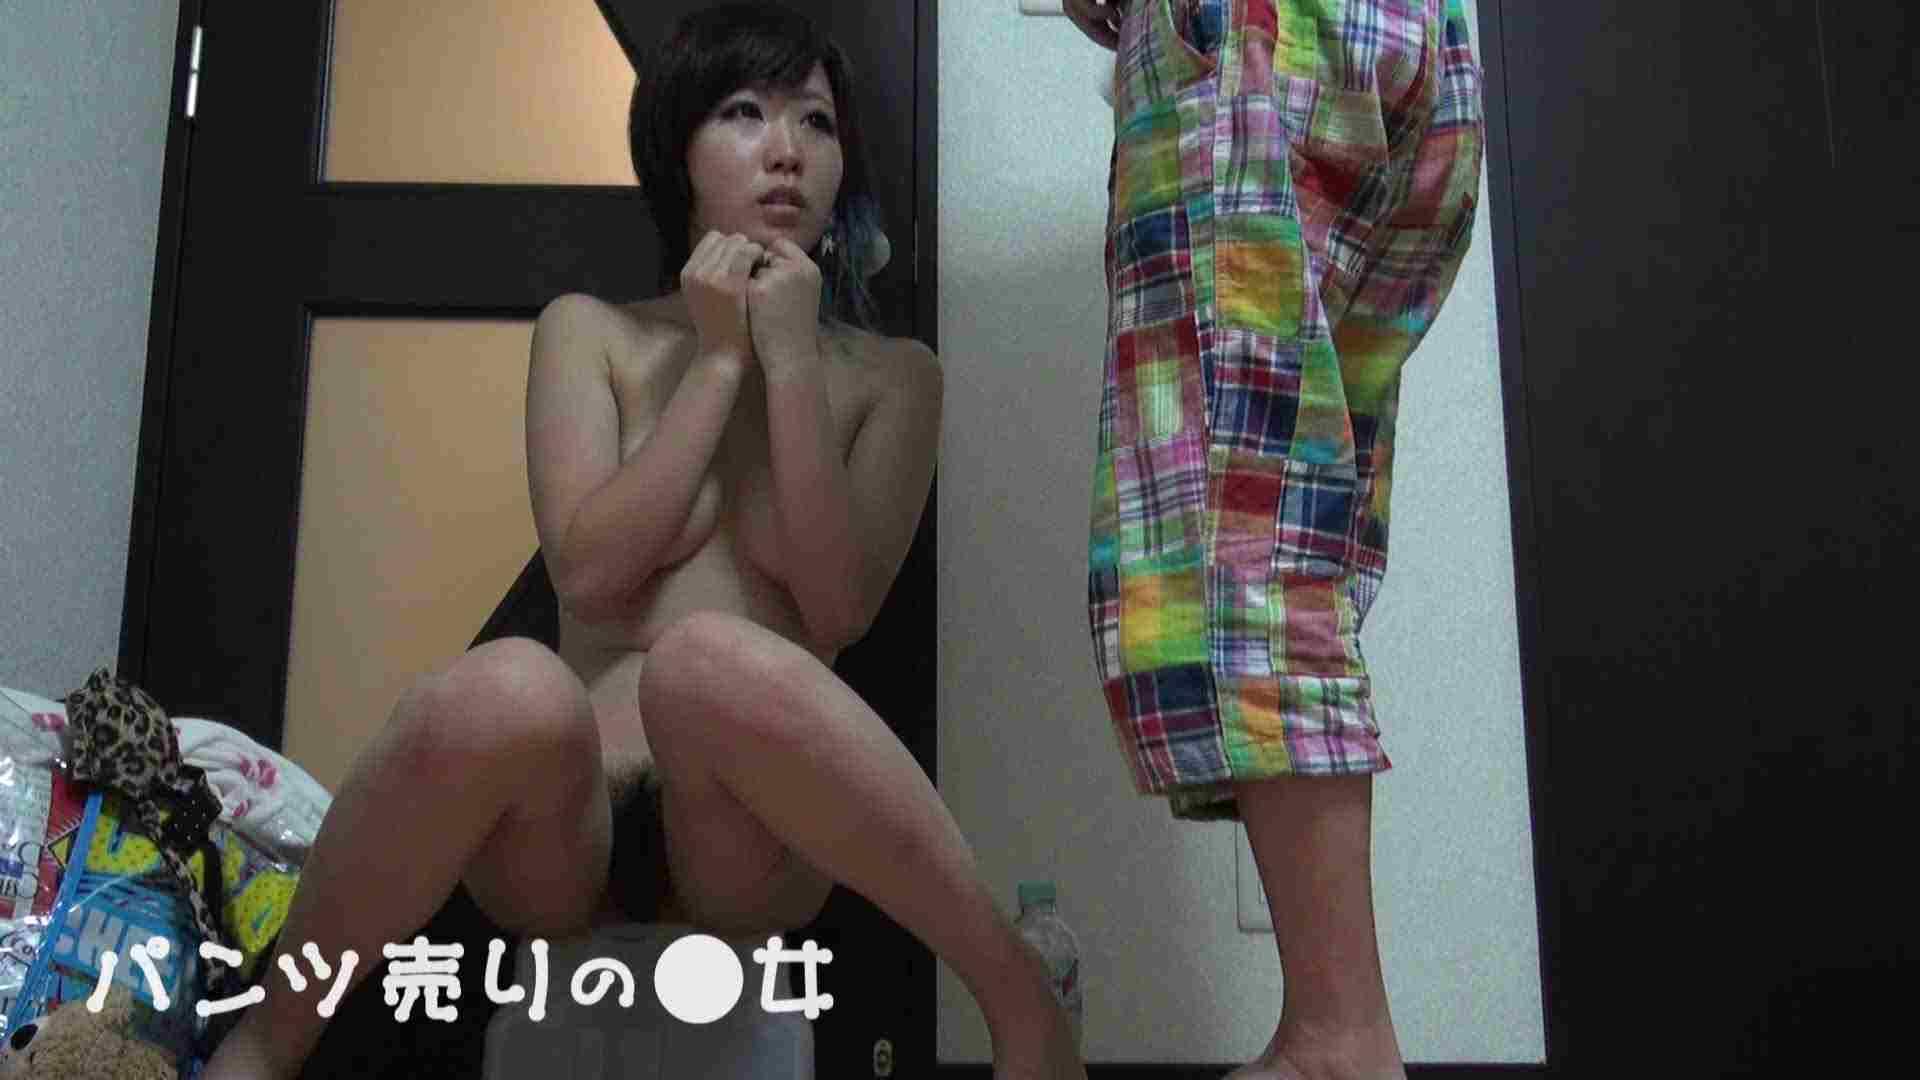 新説 パンツ売りの女の子nana02 オマンコ全開  103PIX 44